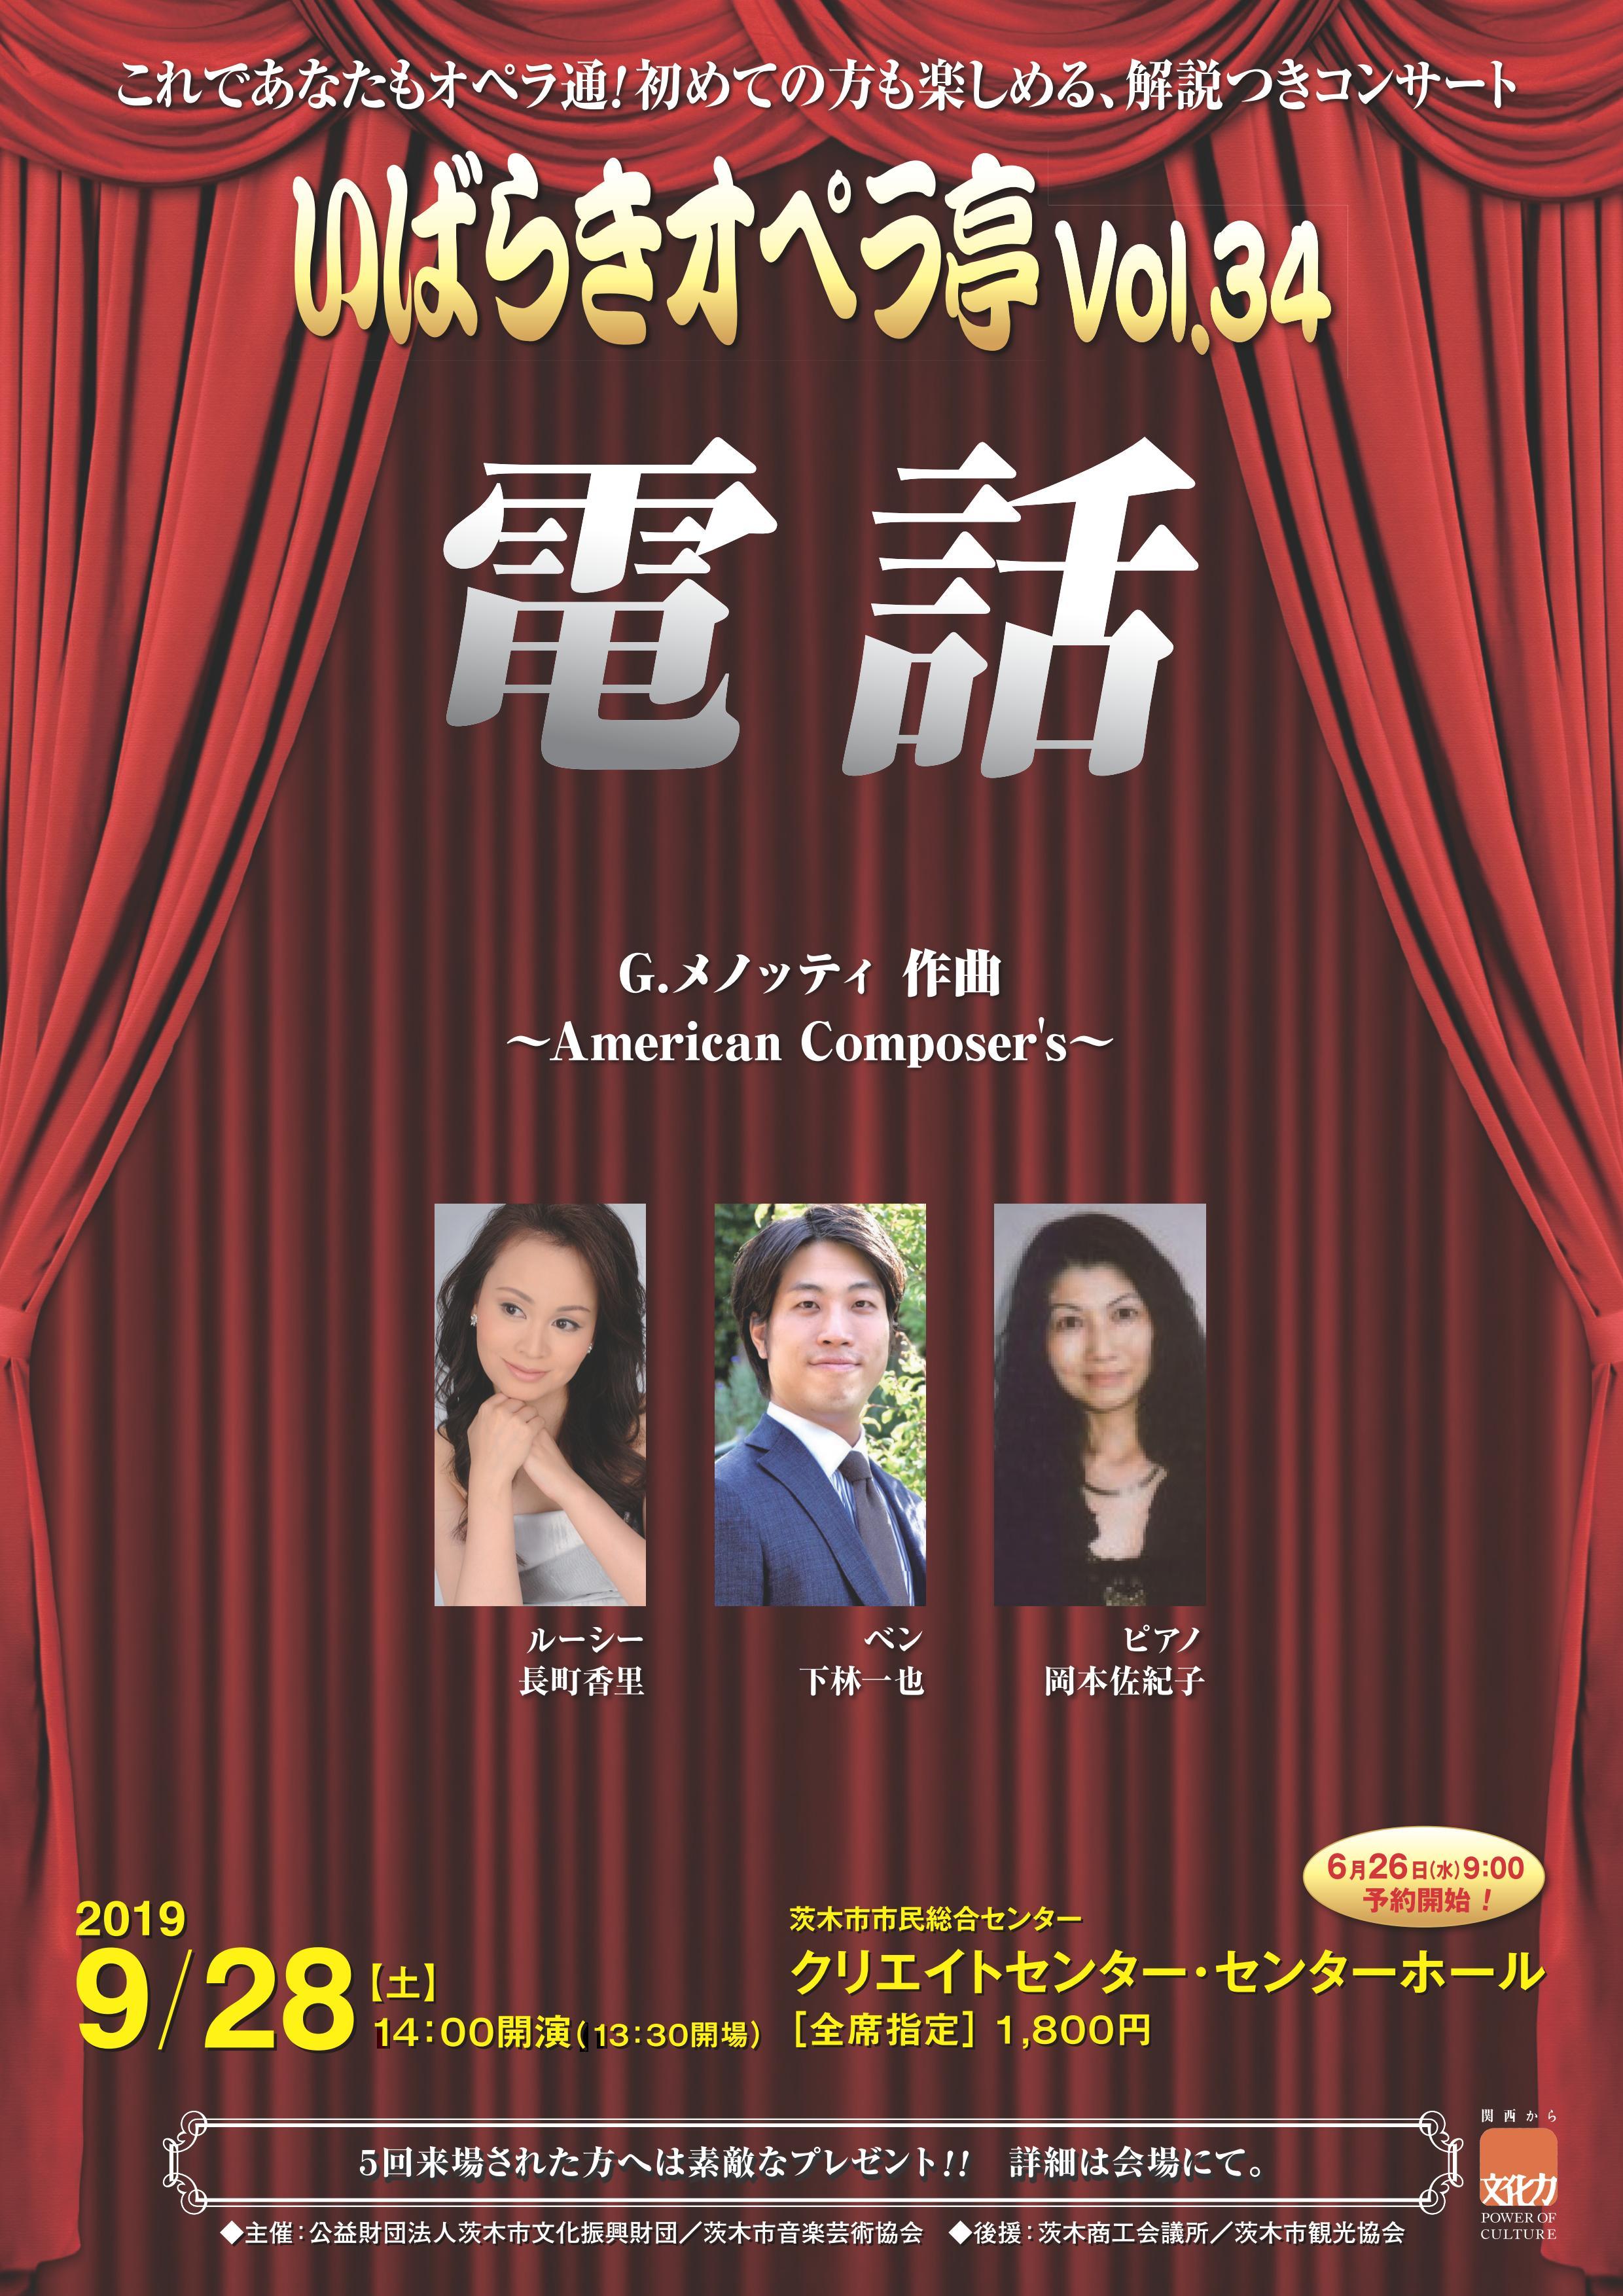 いばらきオペラ亭Vol.34電話